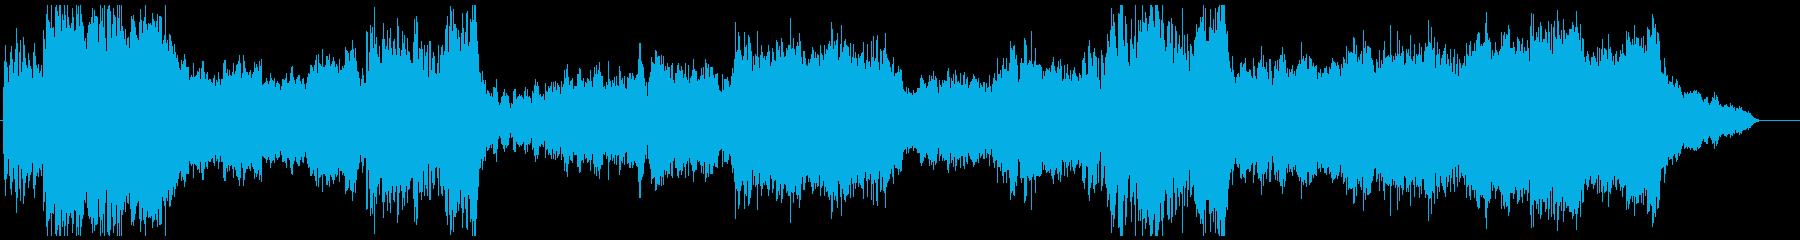 冒険にワクワクするファンタジーOP風オケの再生済みの波形